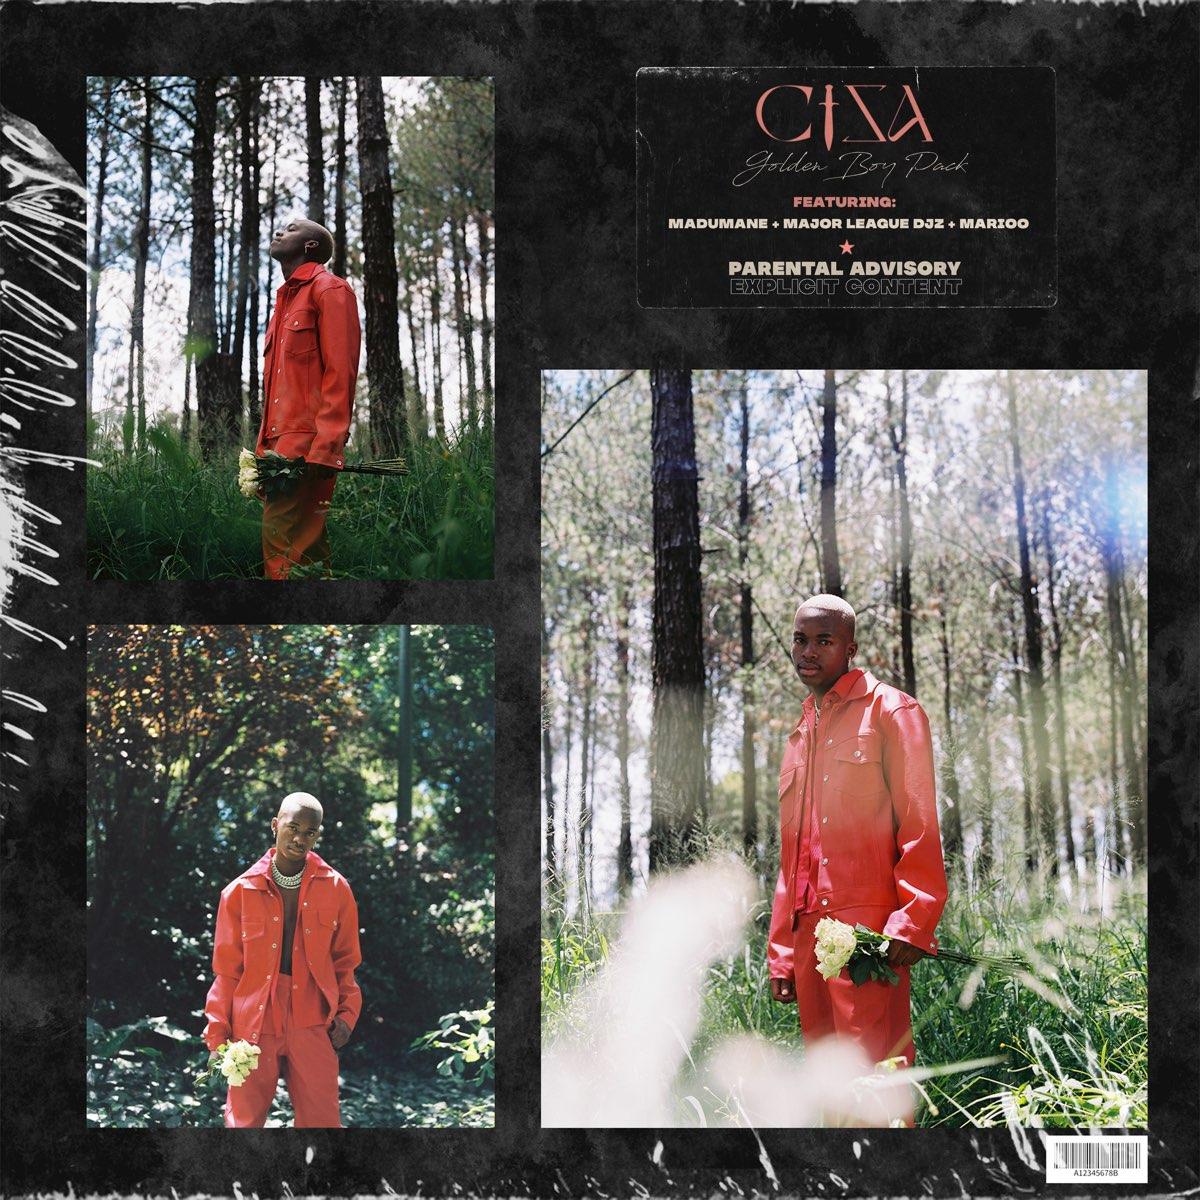 [EP] CIZA – Golden Boy mp3 download